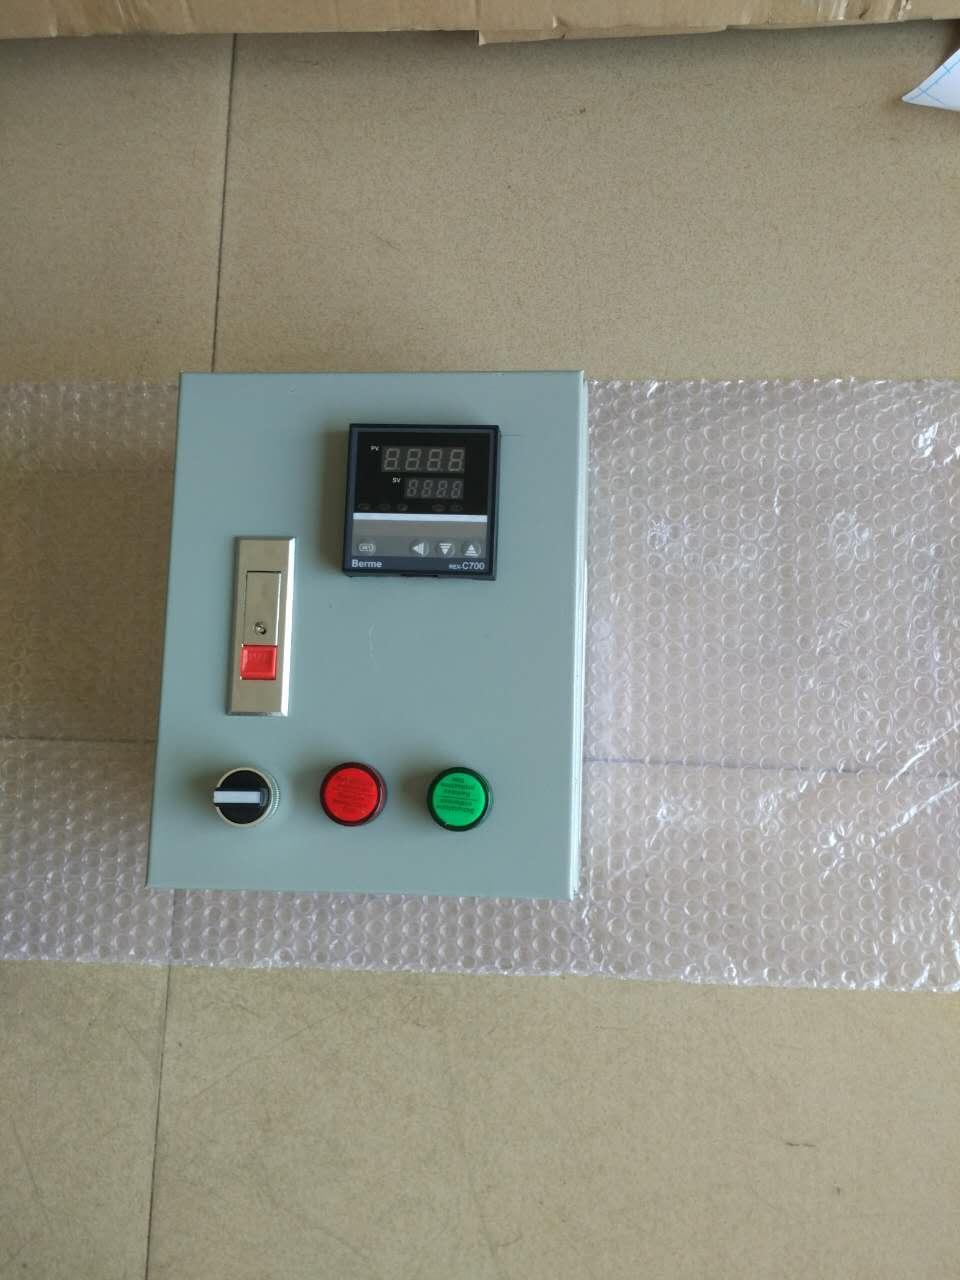 Liquid heater temperature control box  1